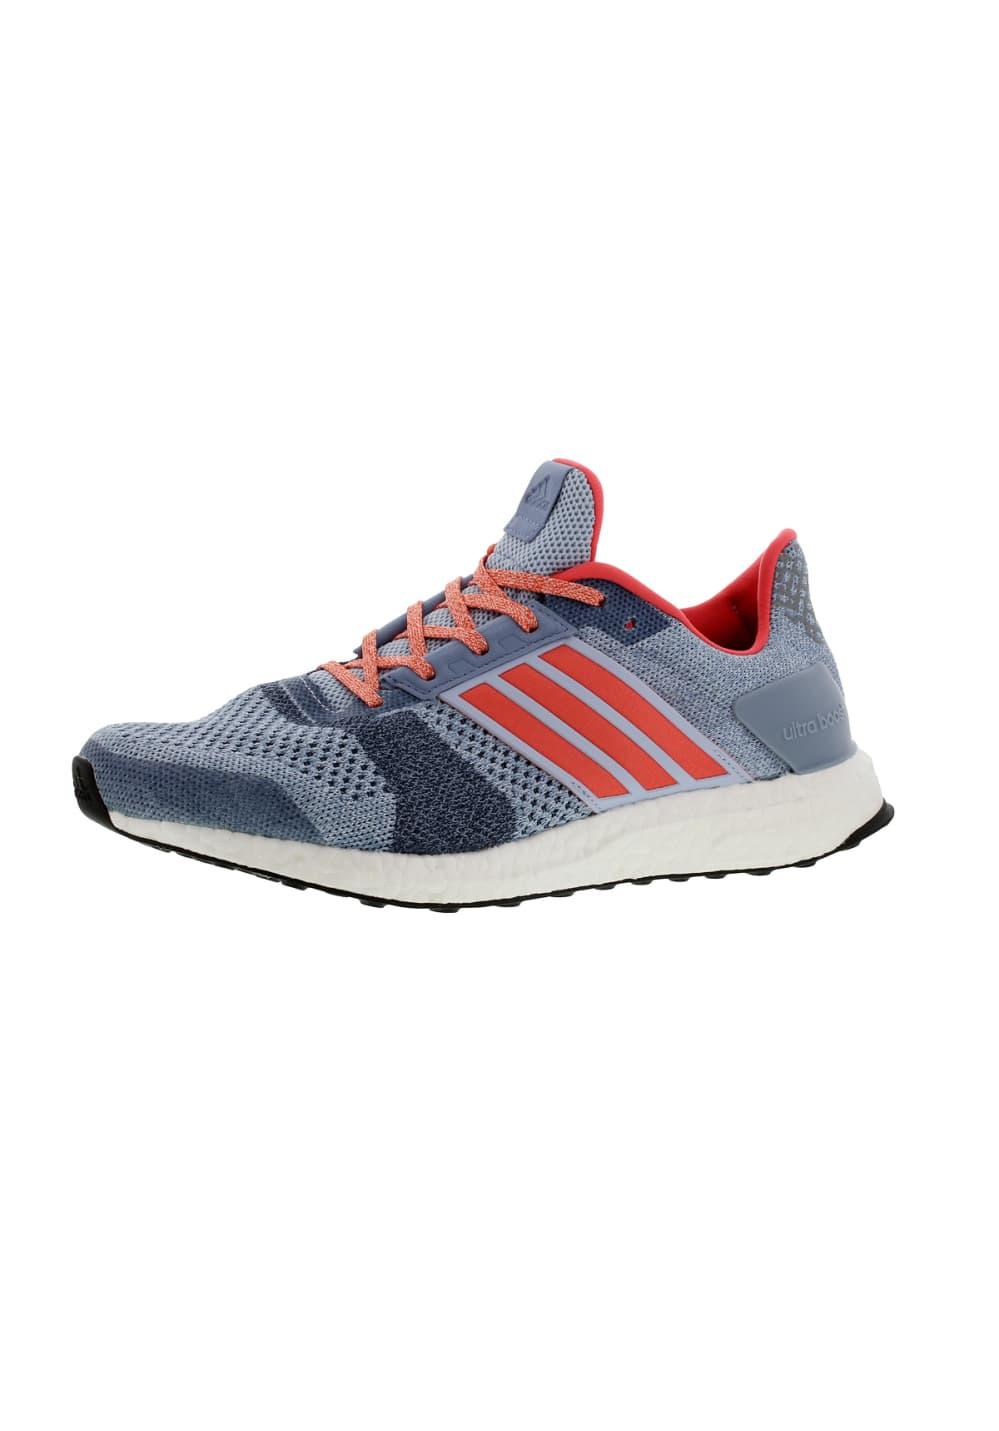 Adidas St Blau Ultra Boost Laufschuhe Für Damen wynOPvm08N